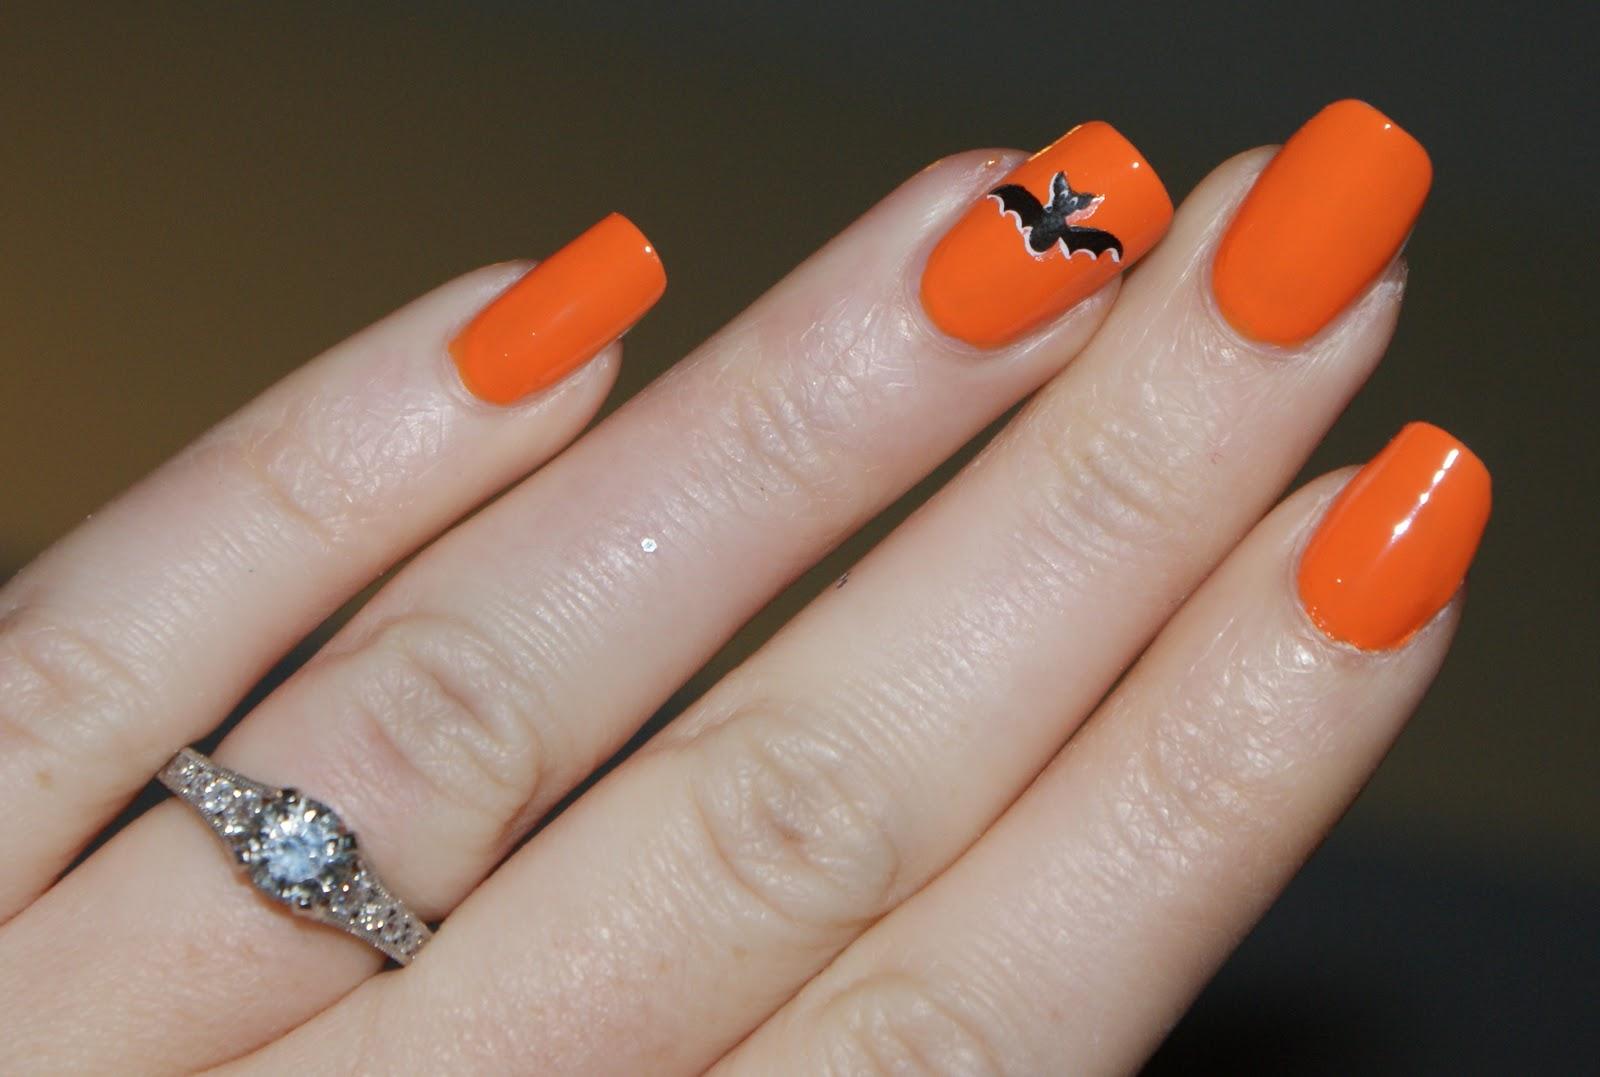 Babbling Brooke: October Orange - Black, Orange, & Bats